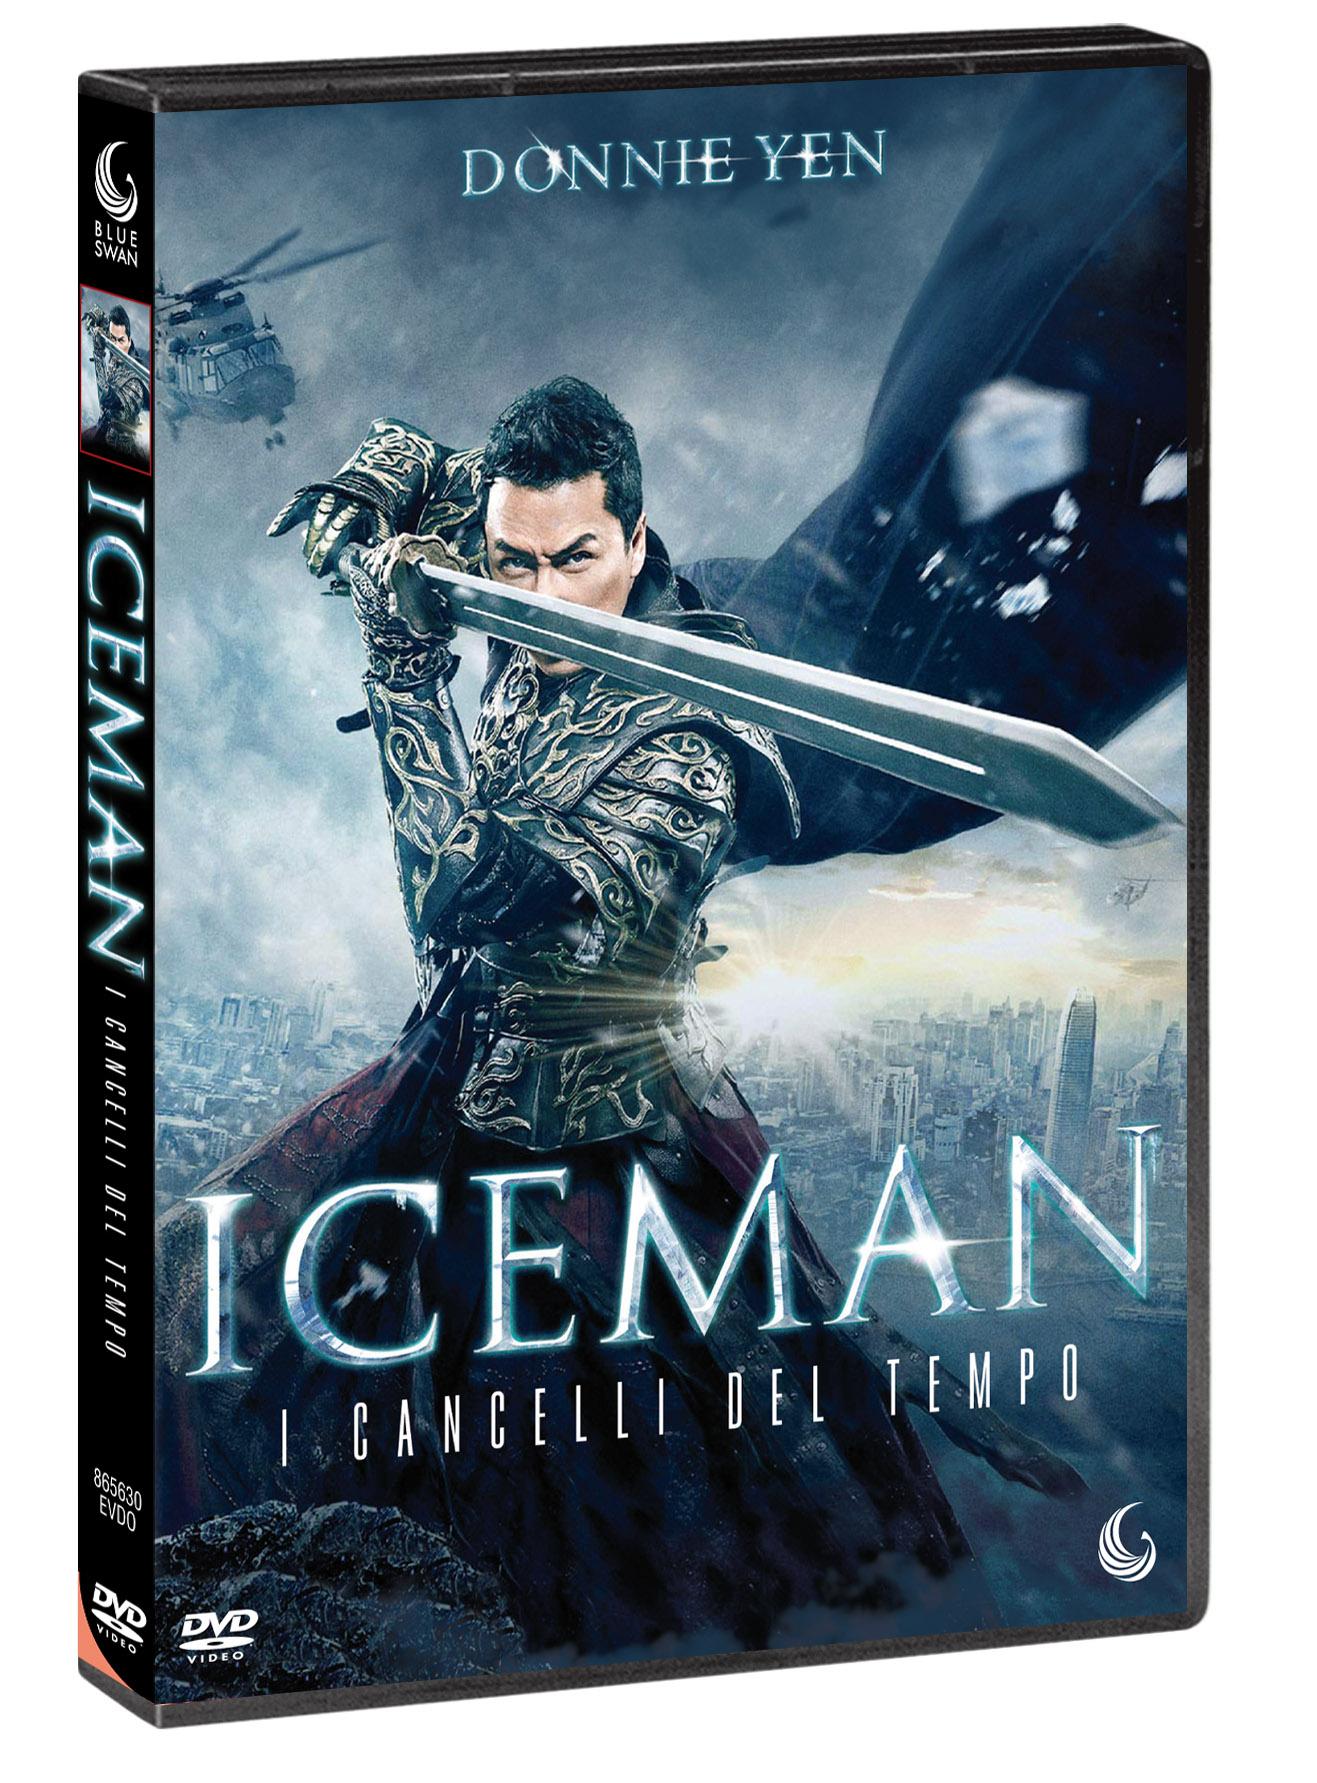 ICEMAN - I CANCELLI DEL TEMPO (DVD)